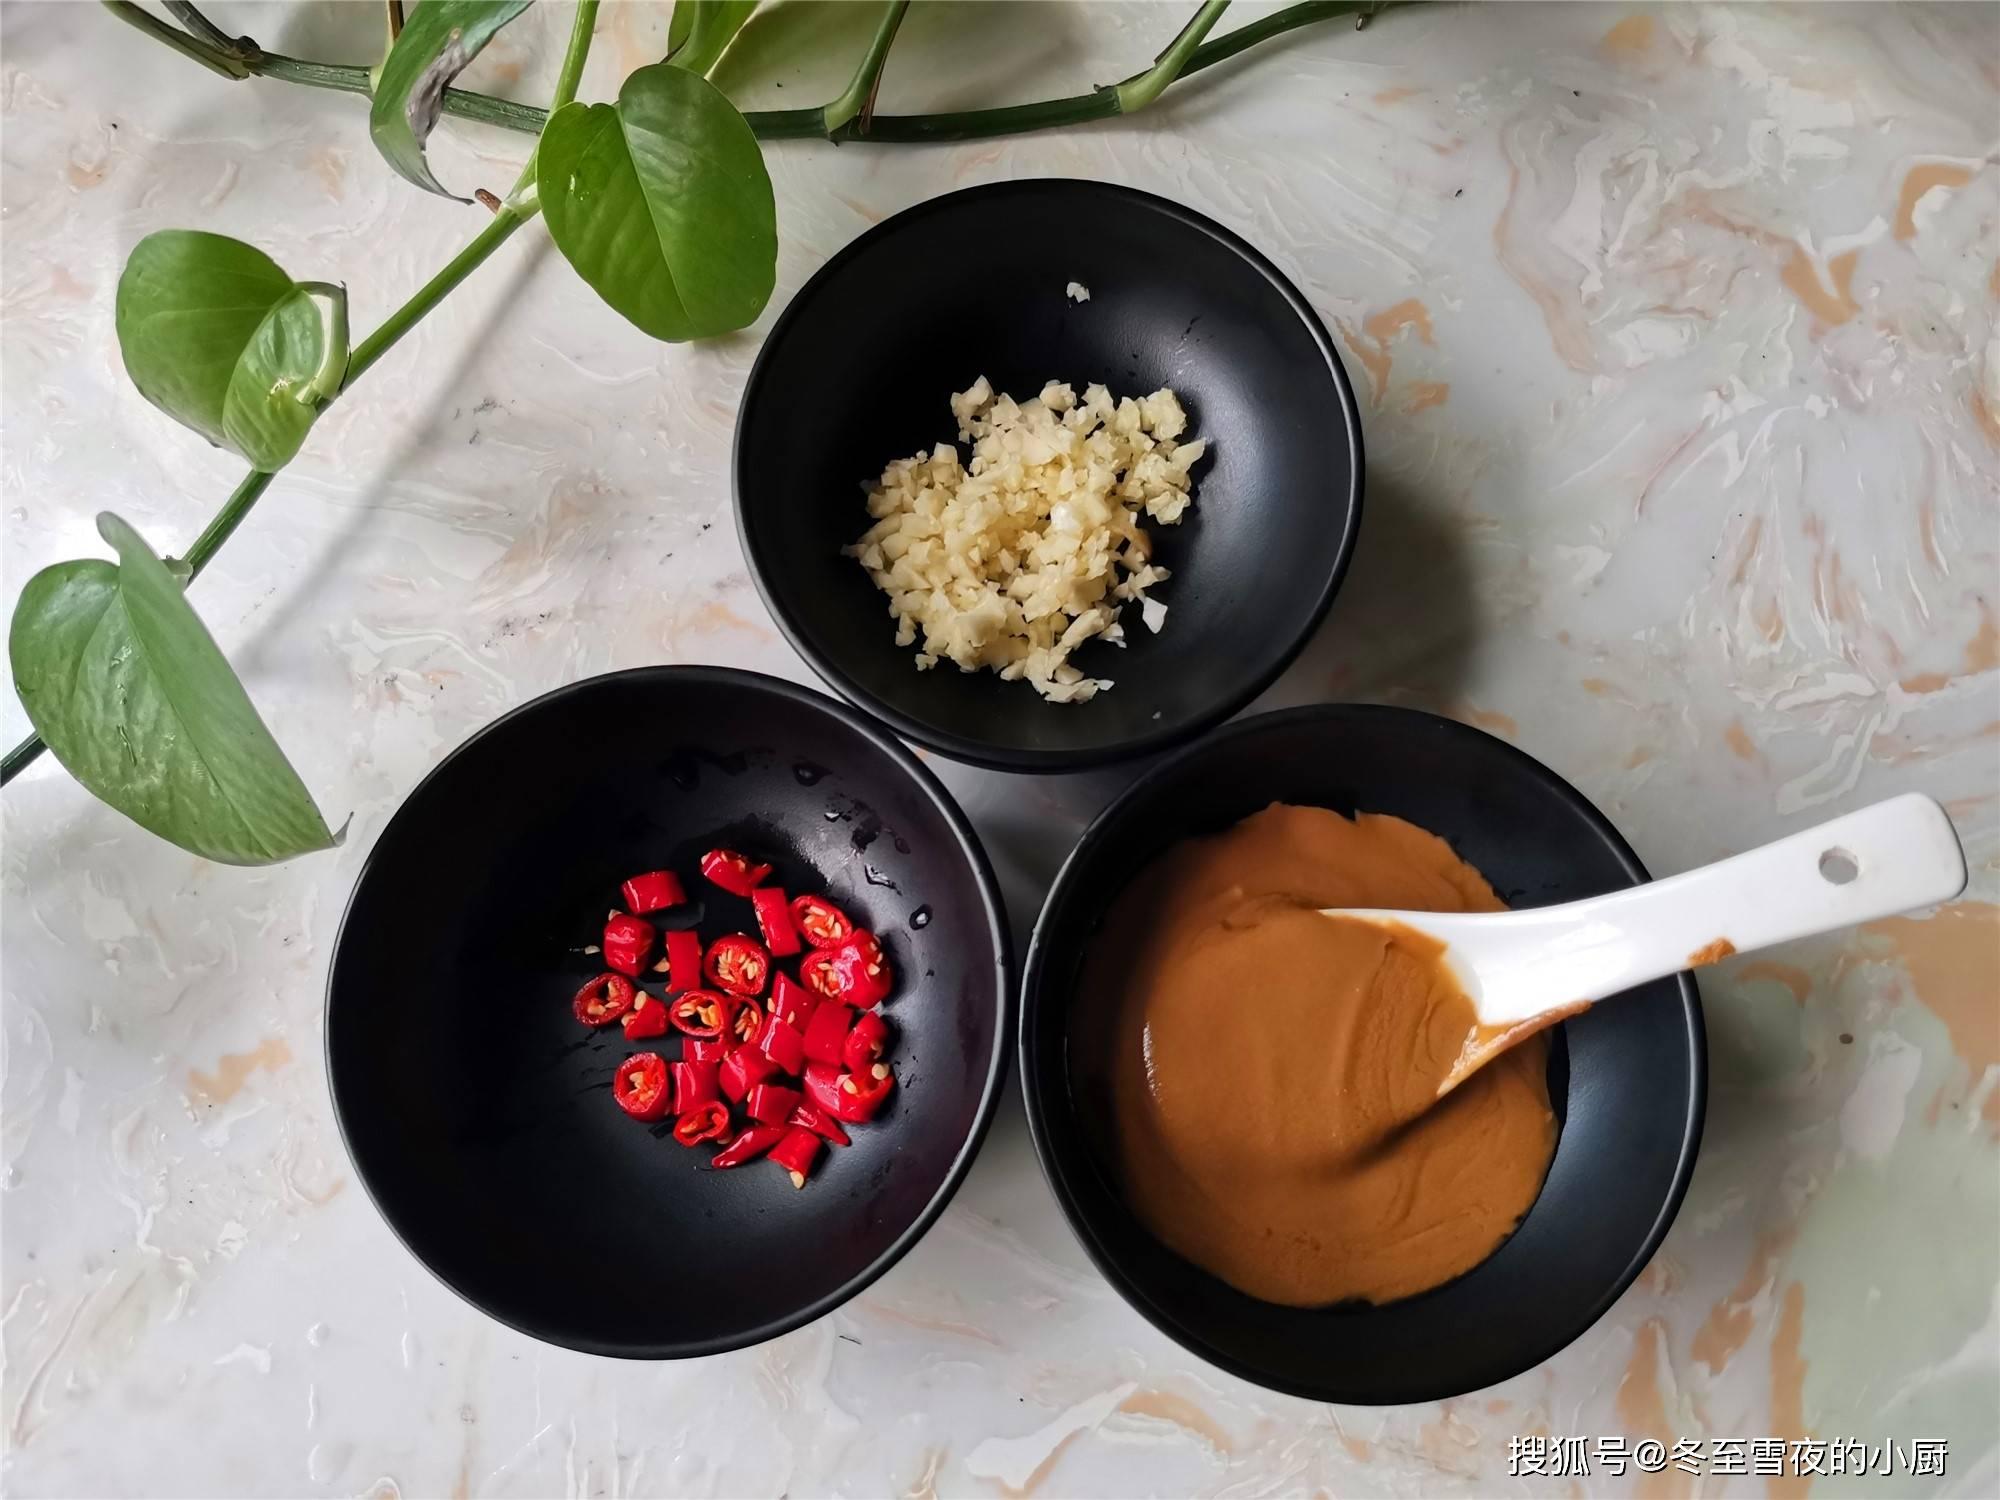 豇豆美味吃法,这样拌一拌,比炒的还香,脆嫩可口好滋味